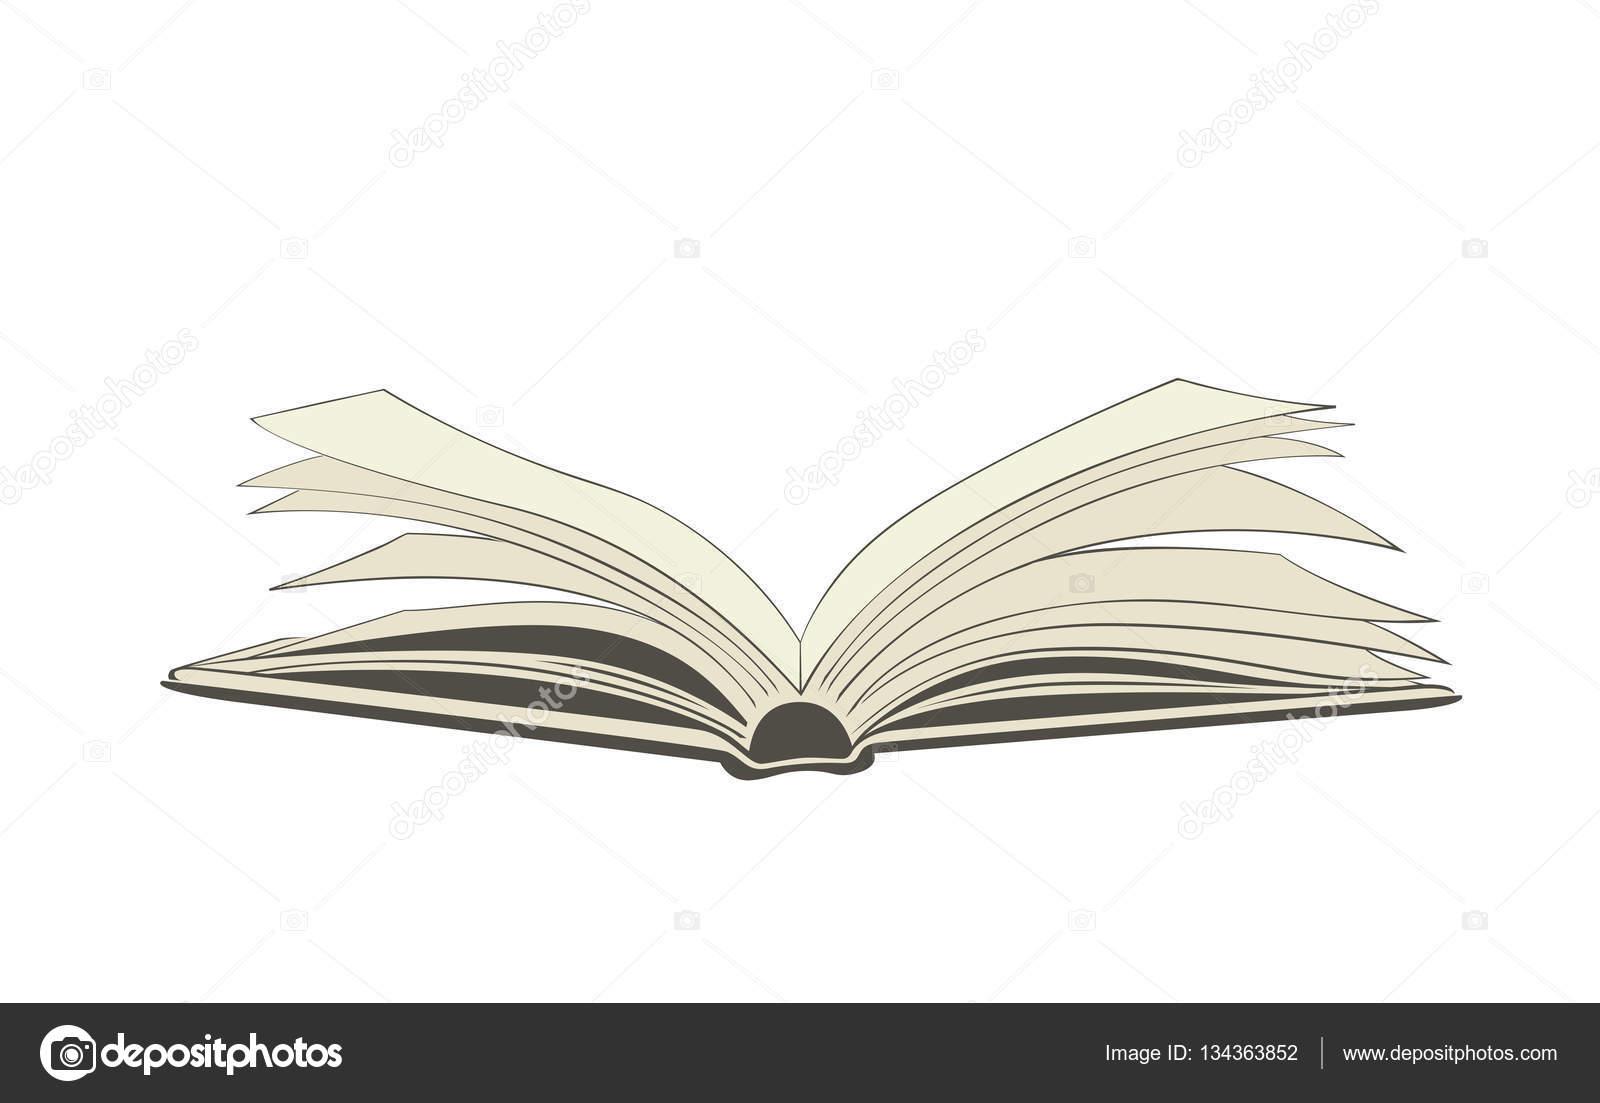 dibujo de un libro abierto vector de stock